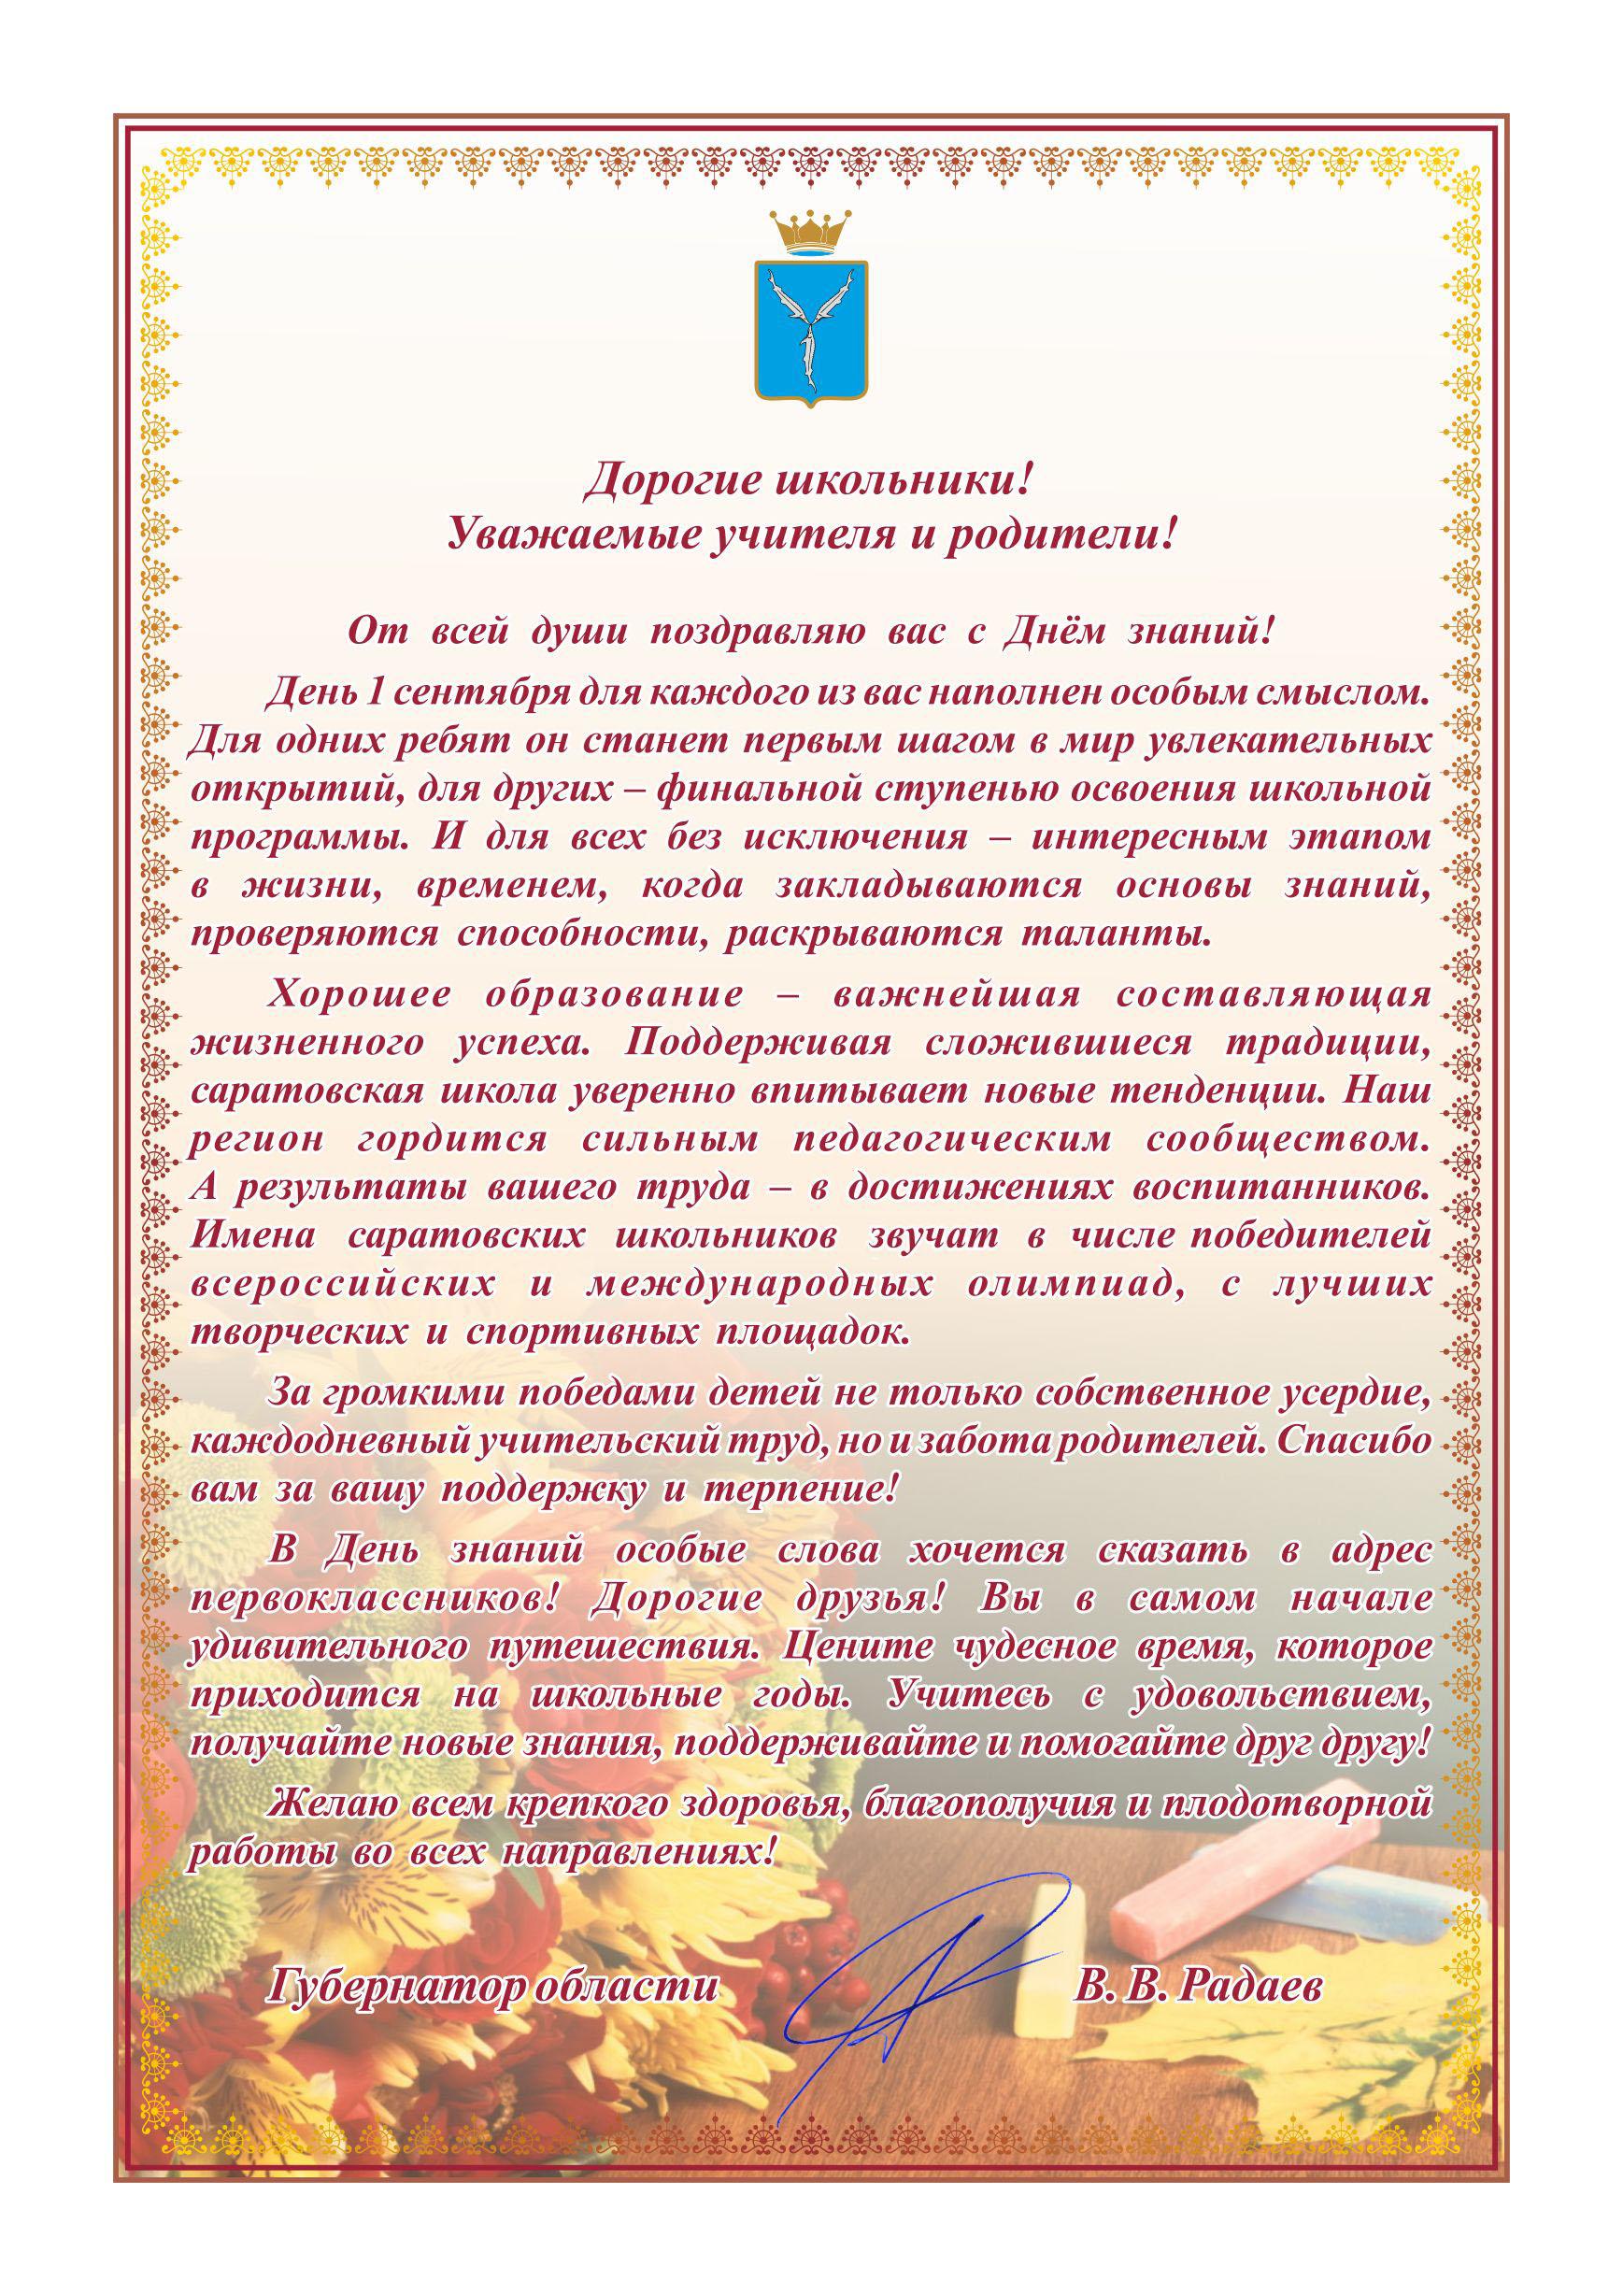 Поздравление с 1 сентября от губернатора